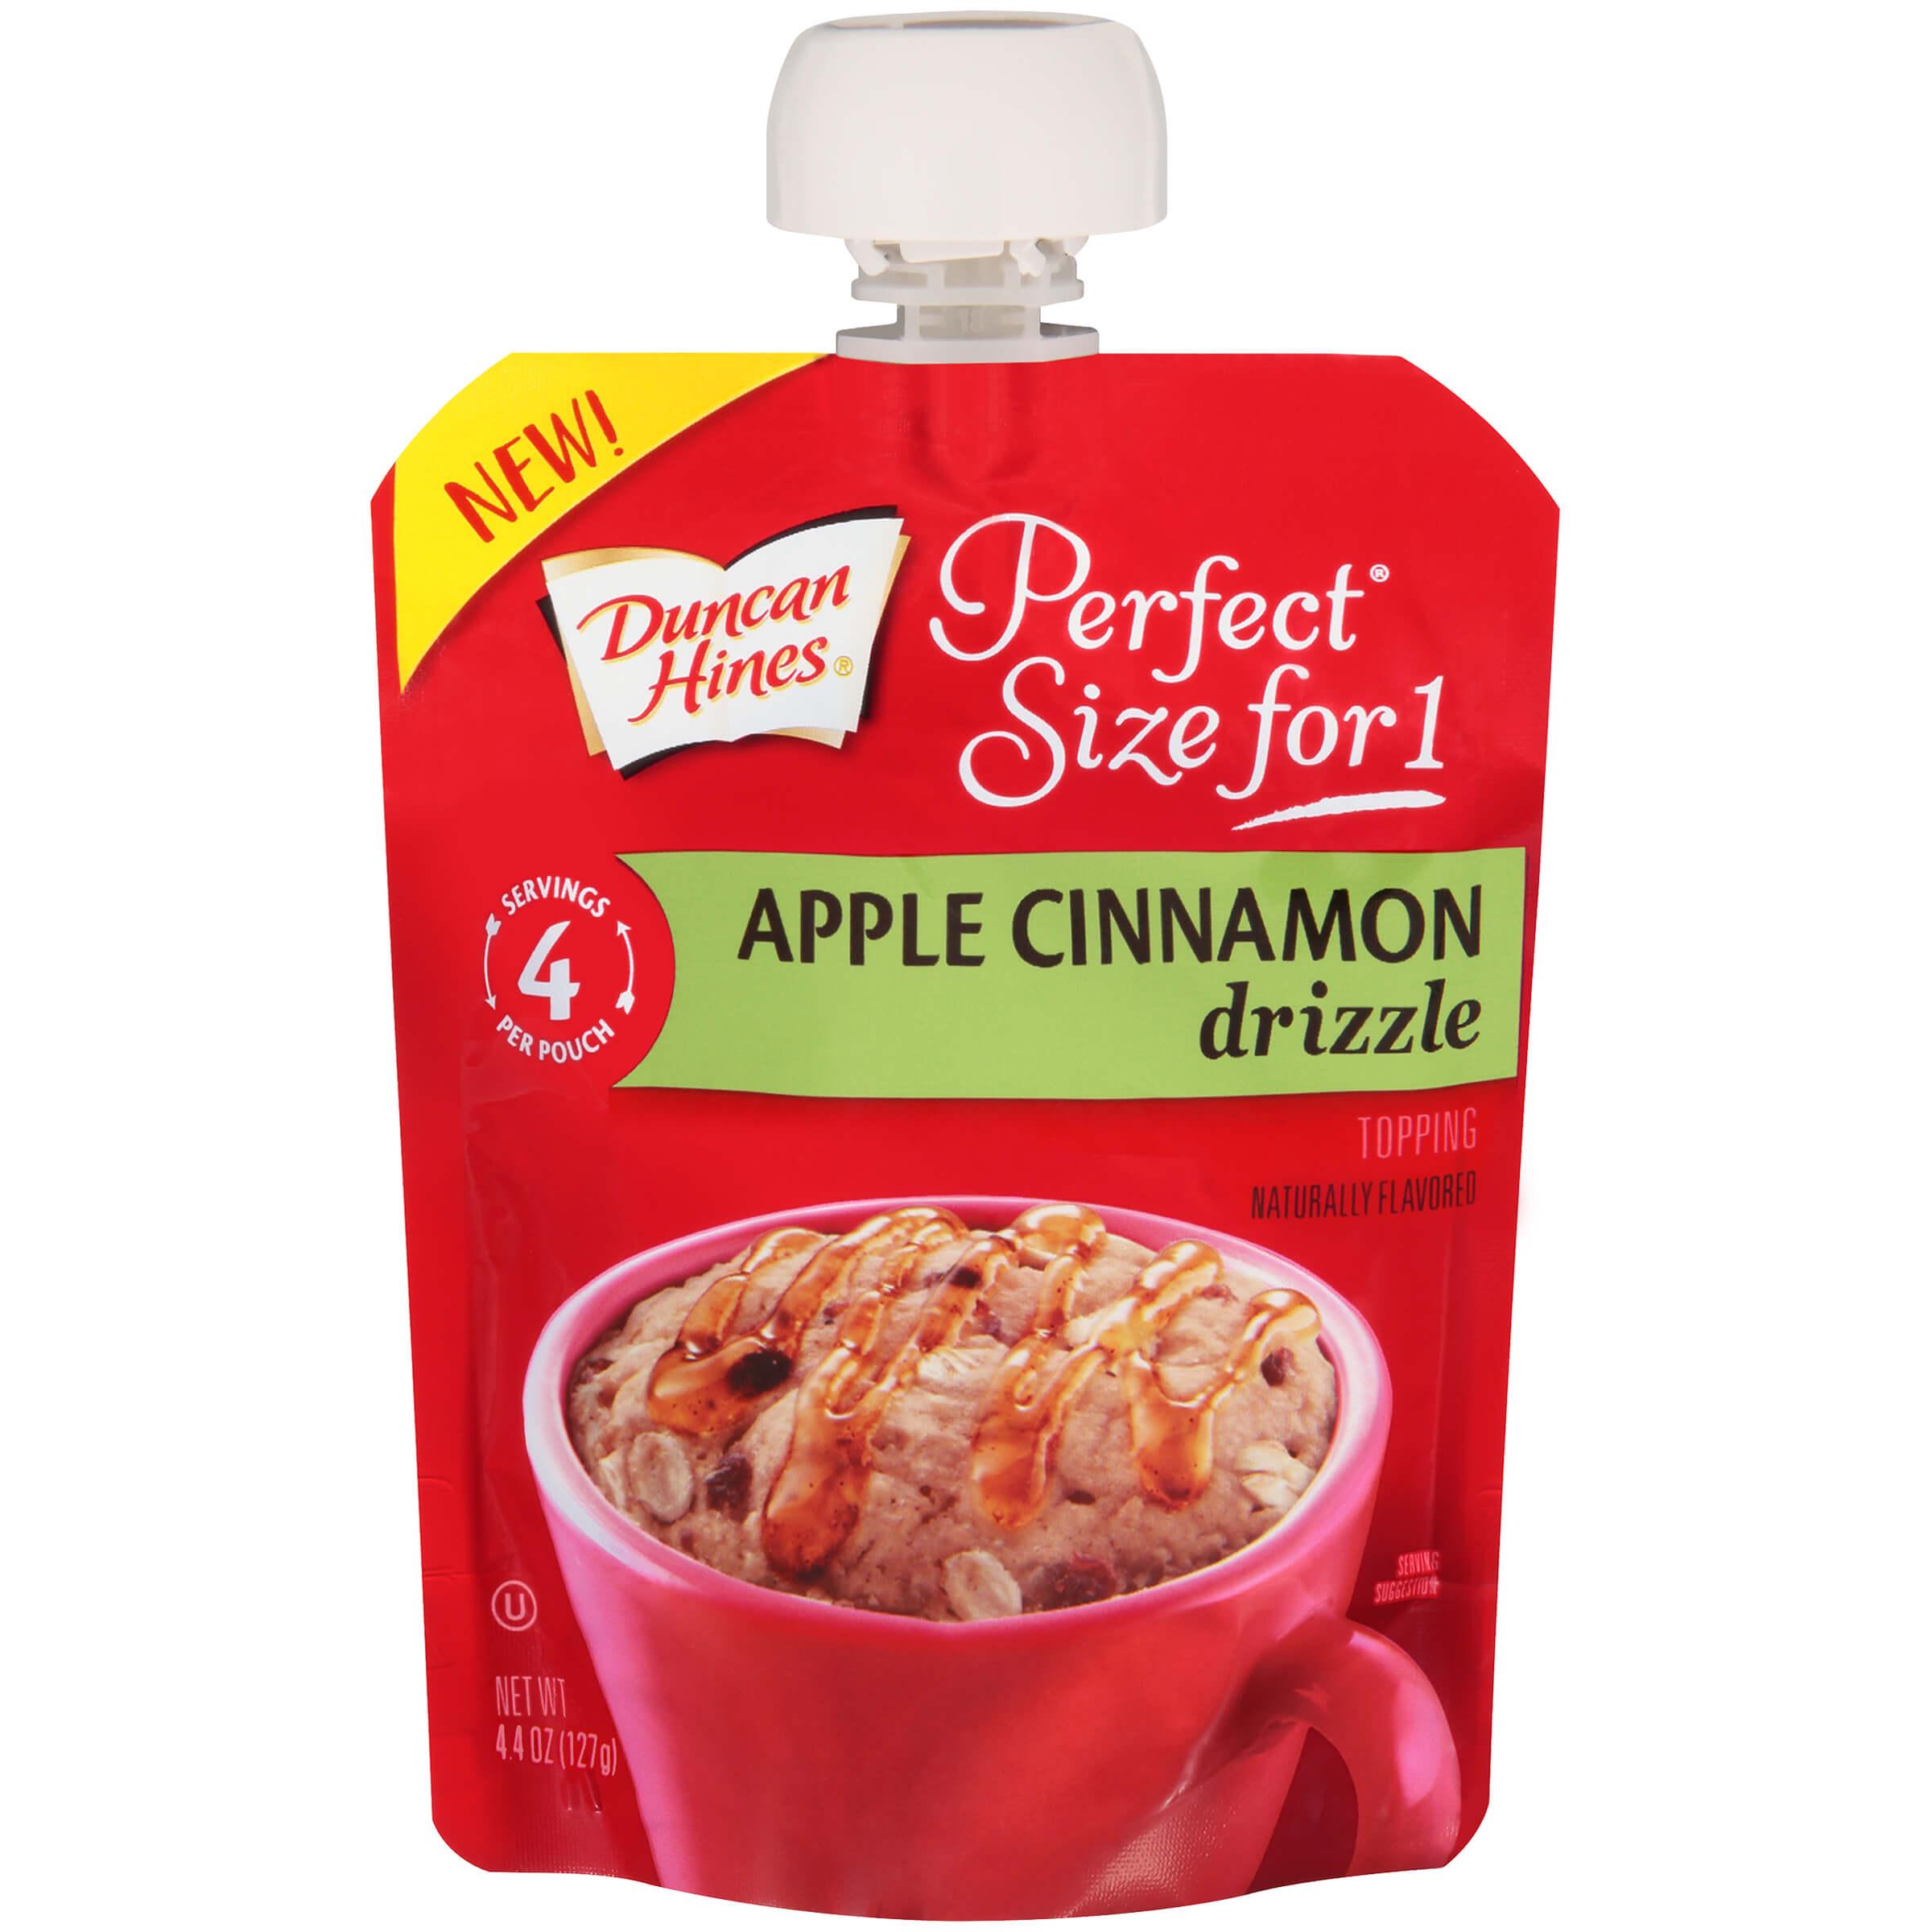 Apple Cinnamon Drizzle